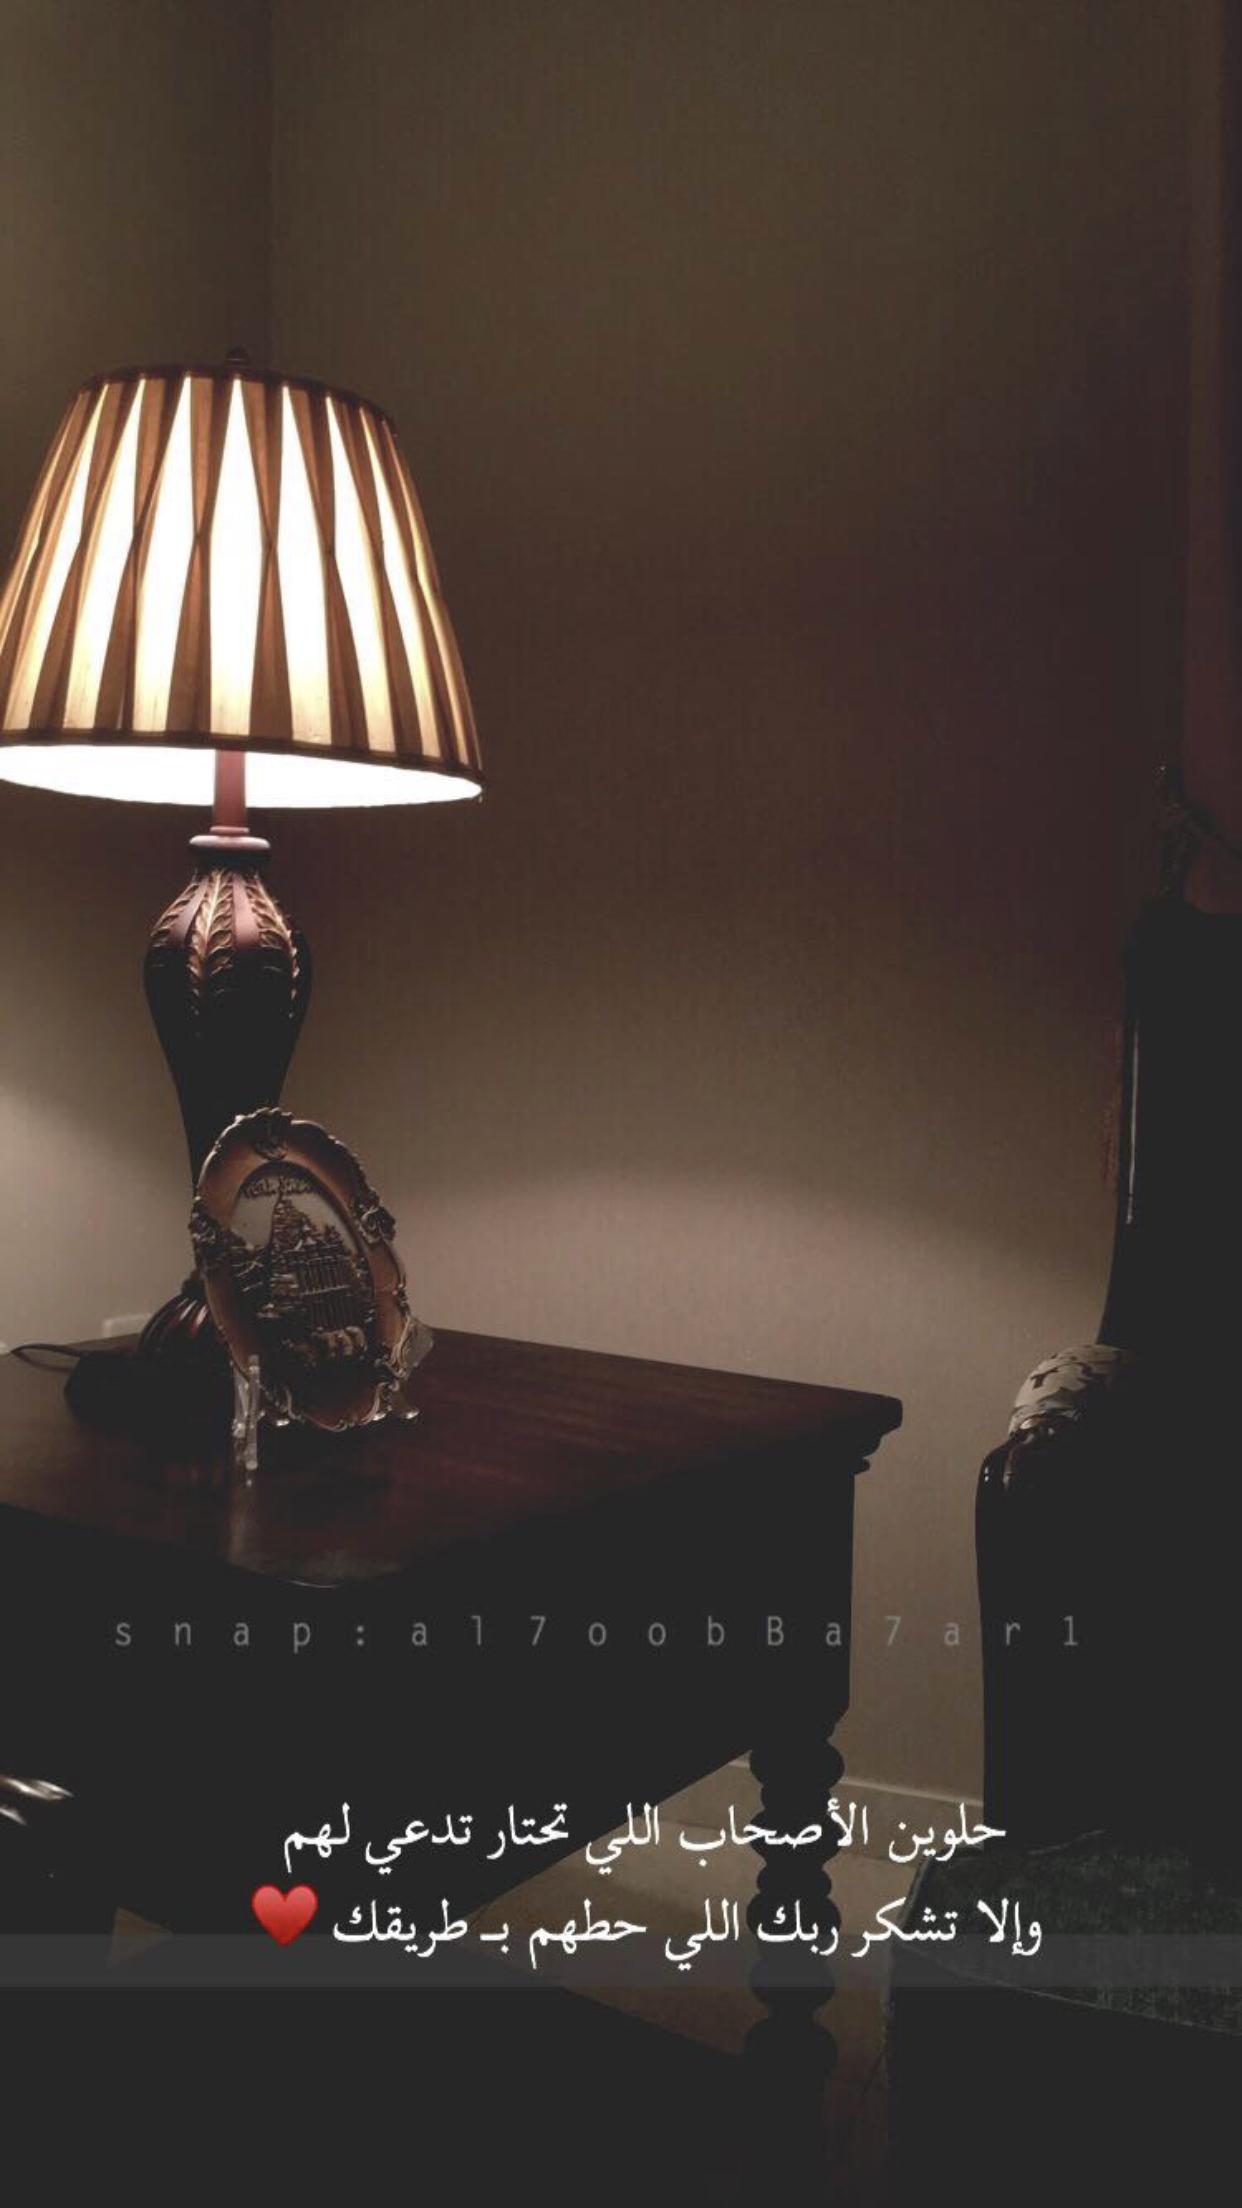 همسة حلوين الأصحاب اللي تحتار تدعي لهم وإلا تشكر ربك اللي حطهم بـ طريقك تصويري تصويري سناب تصميمي تصمي Novelty Lamp Lamp Me As A Girlfriend